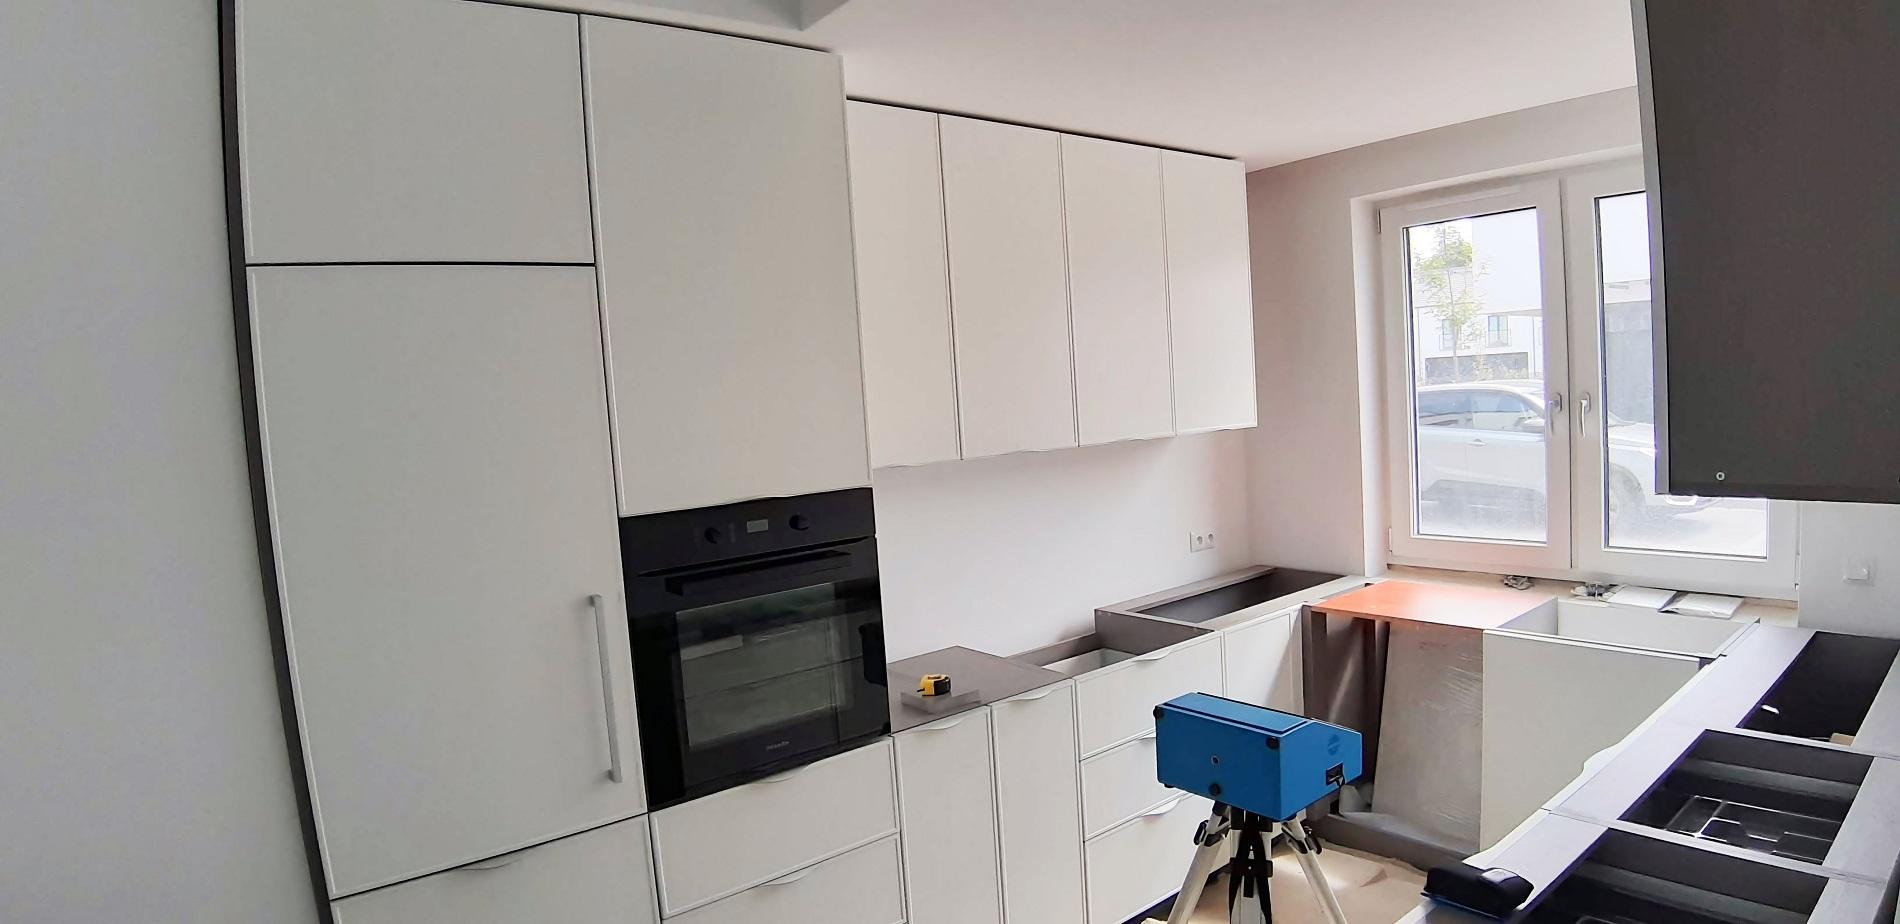 projekt architektoniczny domu we Wrocławiu - projektowanie wnętrz Prima Wrocław (2)